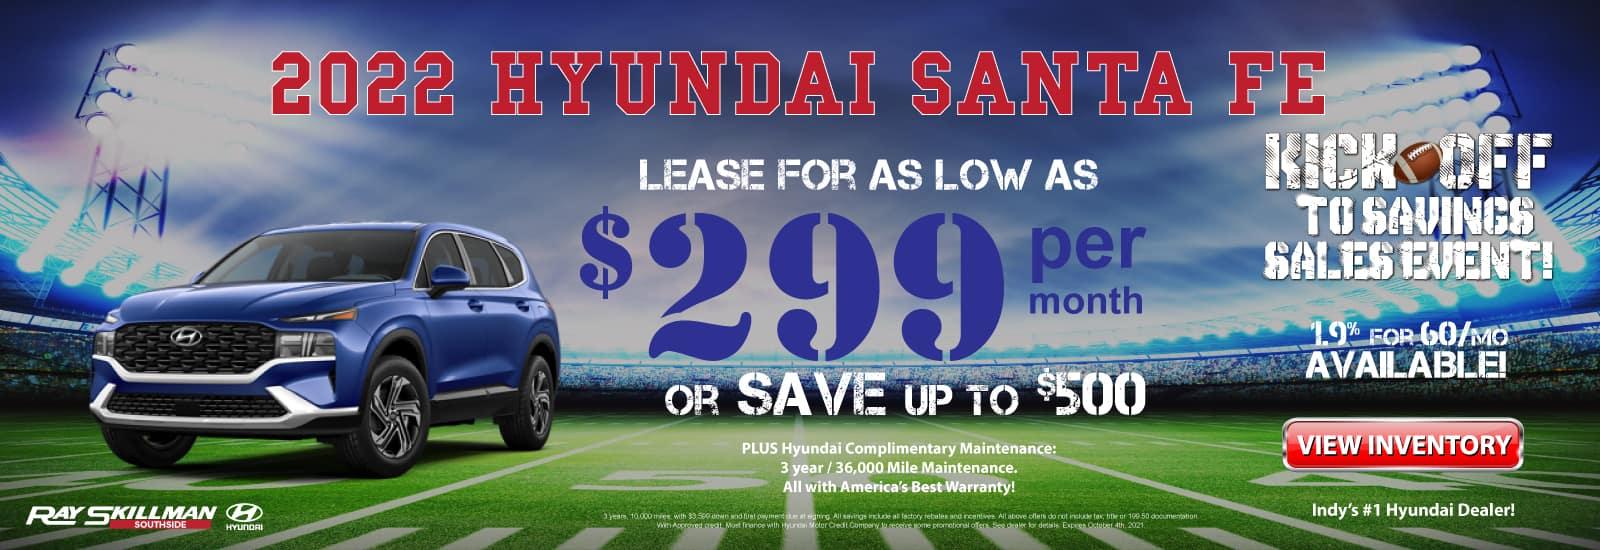 2022-Hyundai-Santa-Fe-Web-Banner-1600×550.jpg-Sept